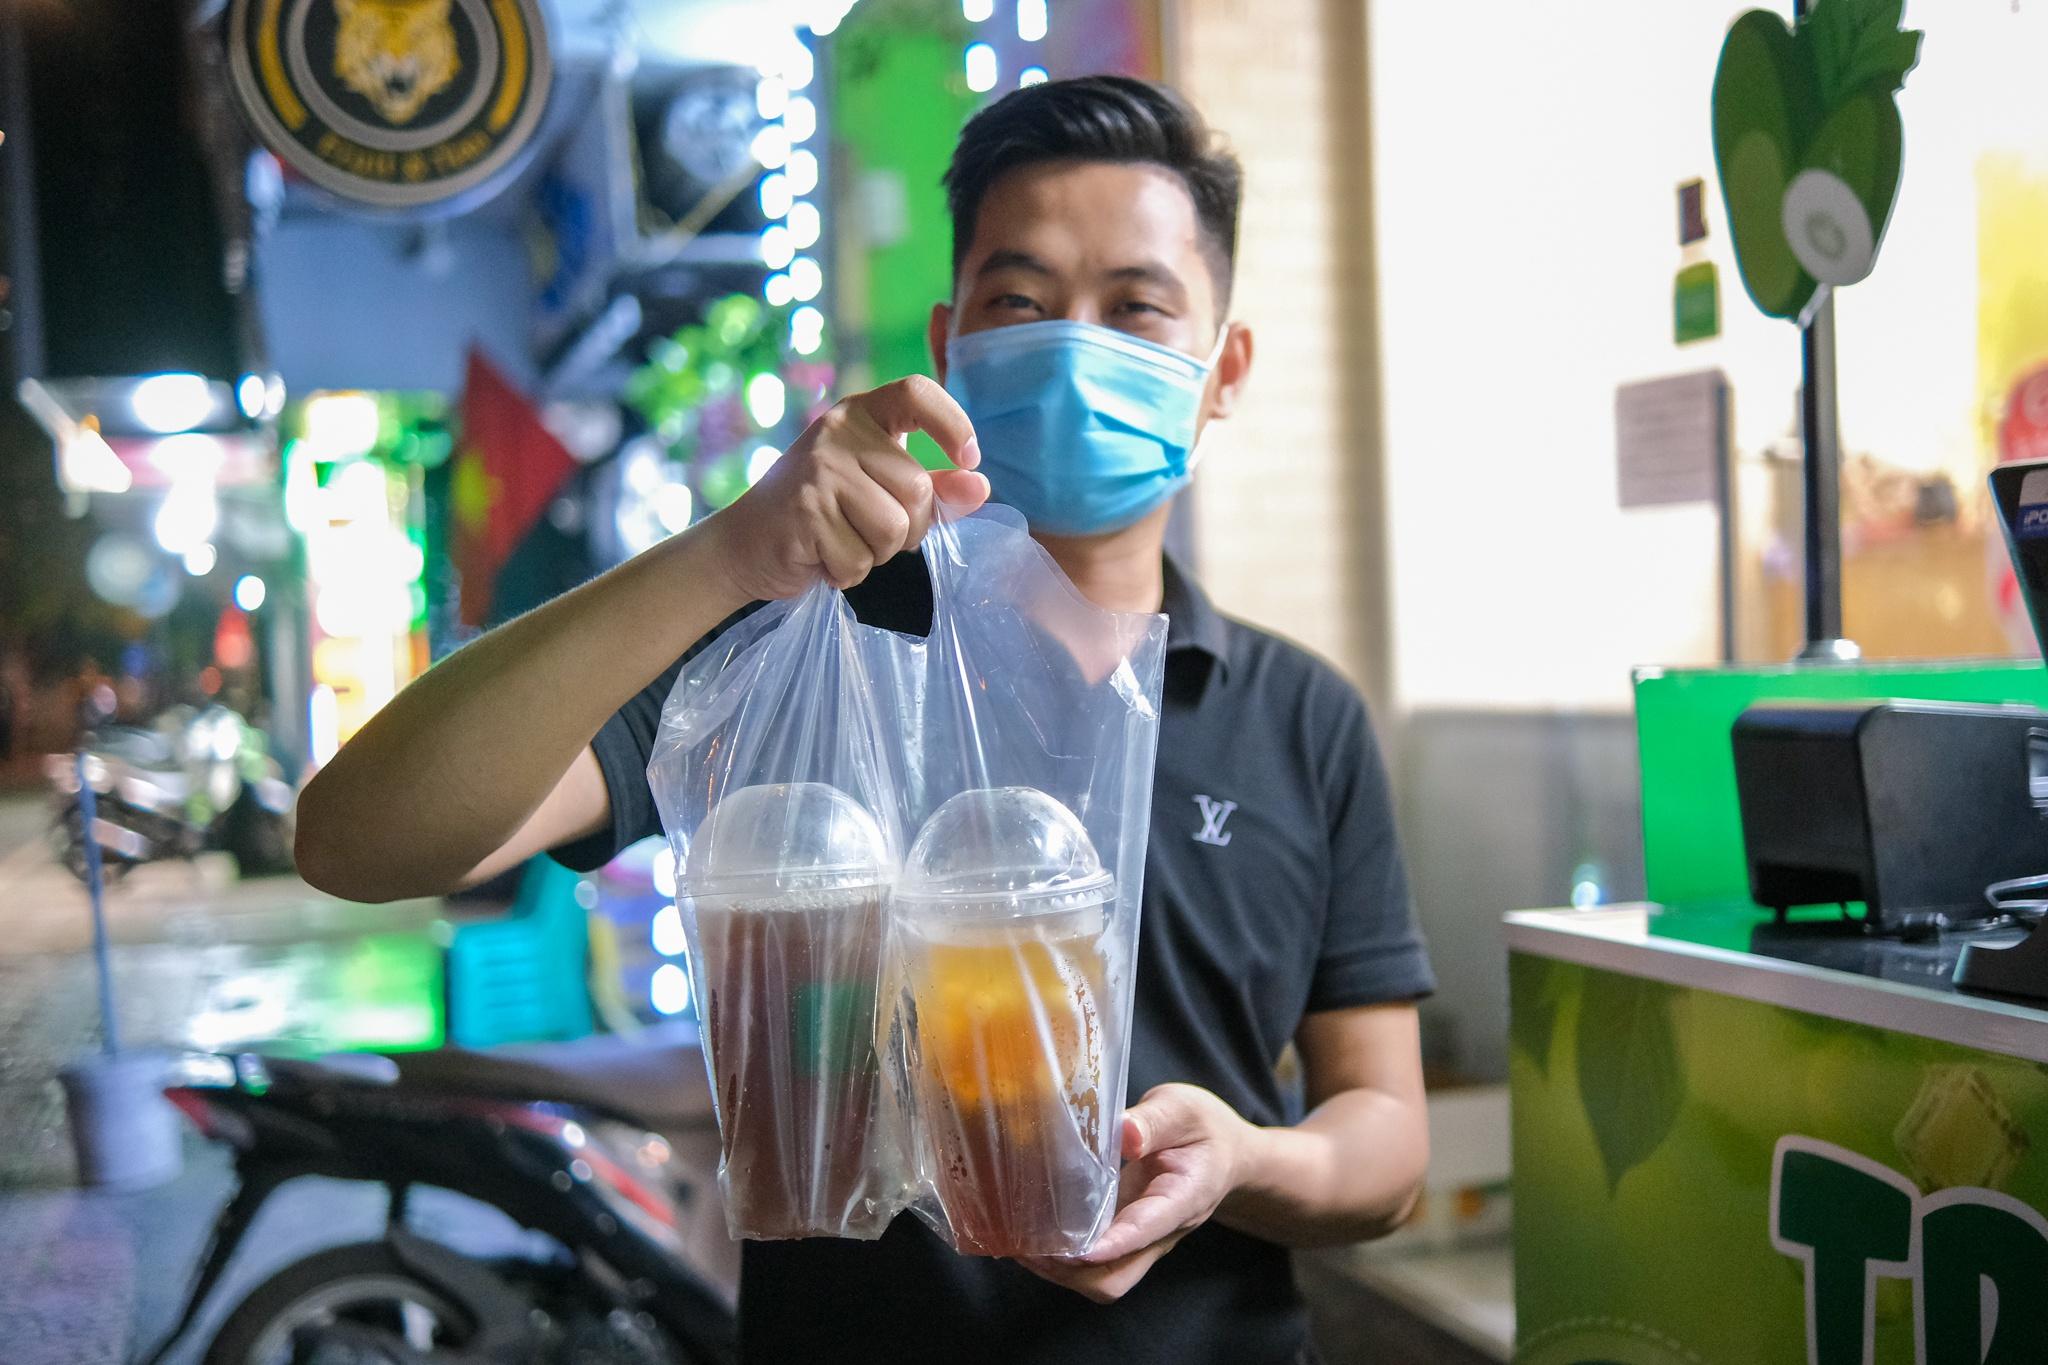 Bán mang về 1.000 cốc trà bí đao mỗi ngày ở Hà Nội - ảnh 10